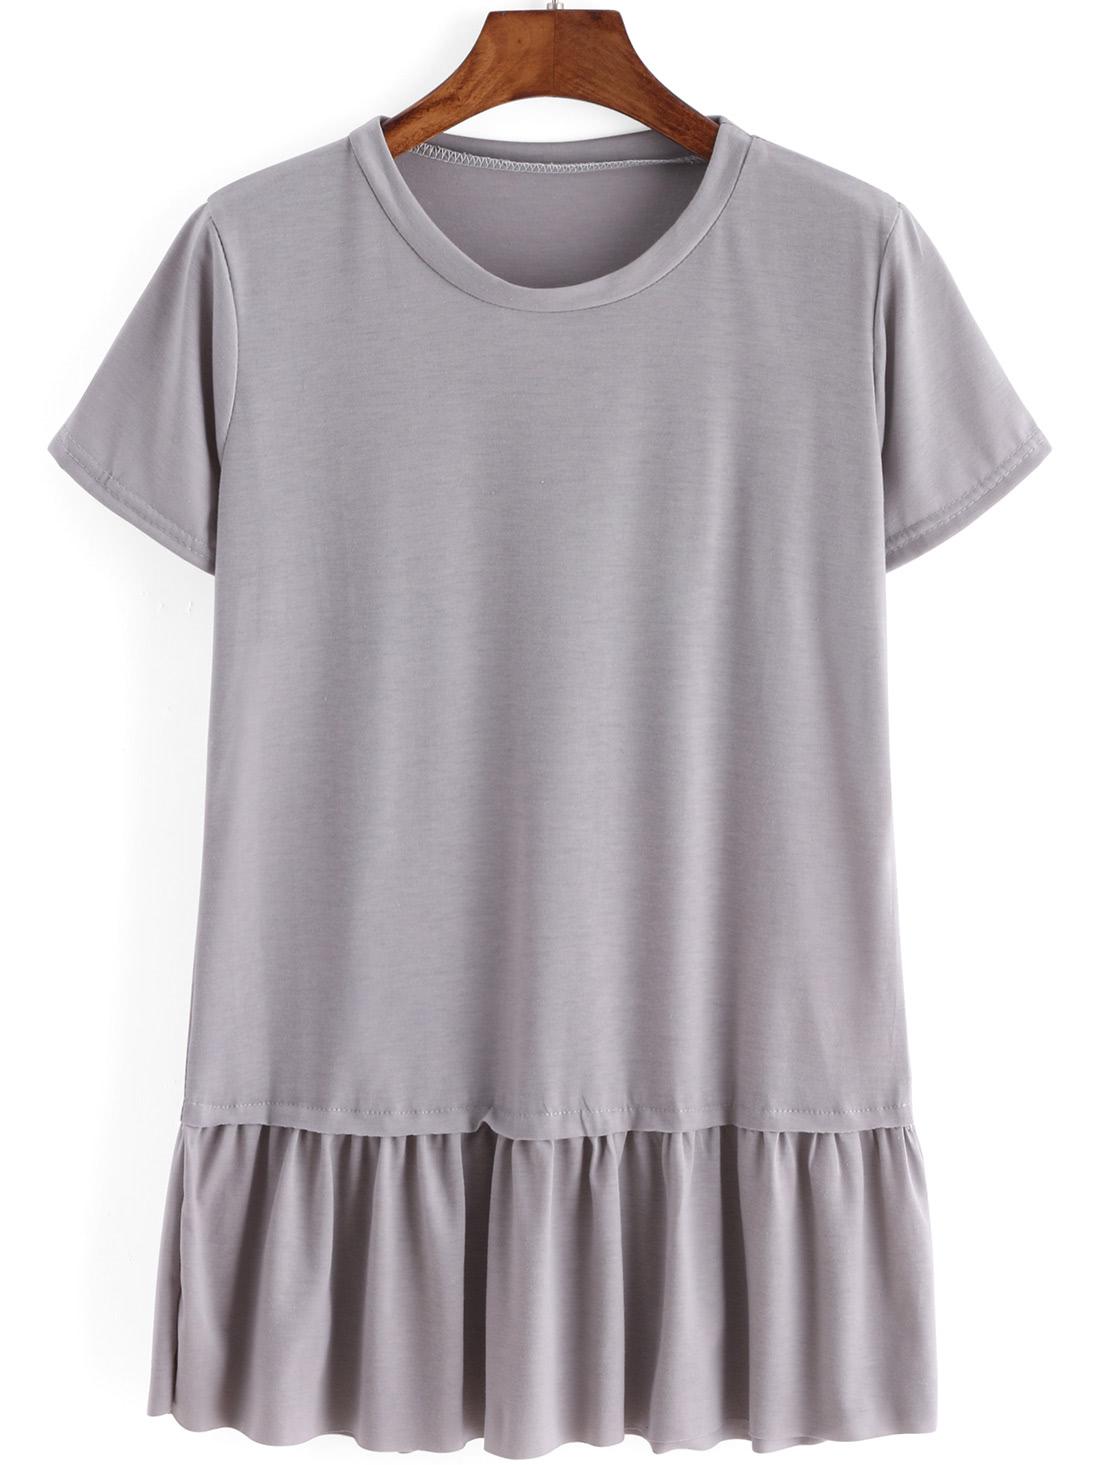 Ruffle Hem Grey T-shirt